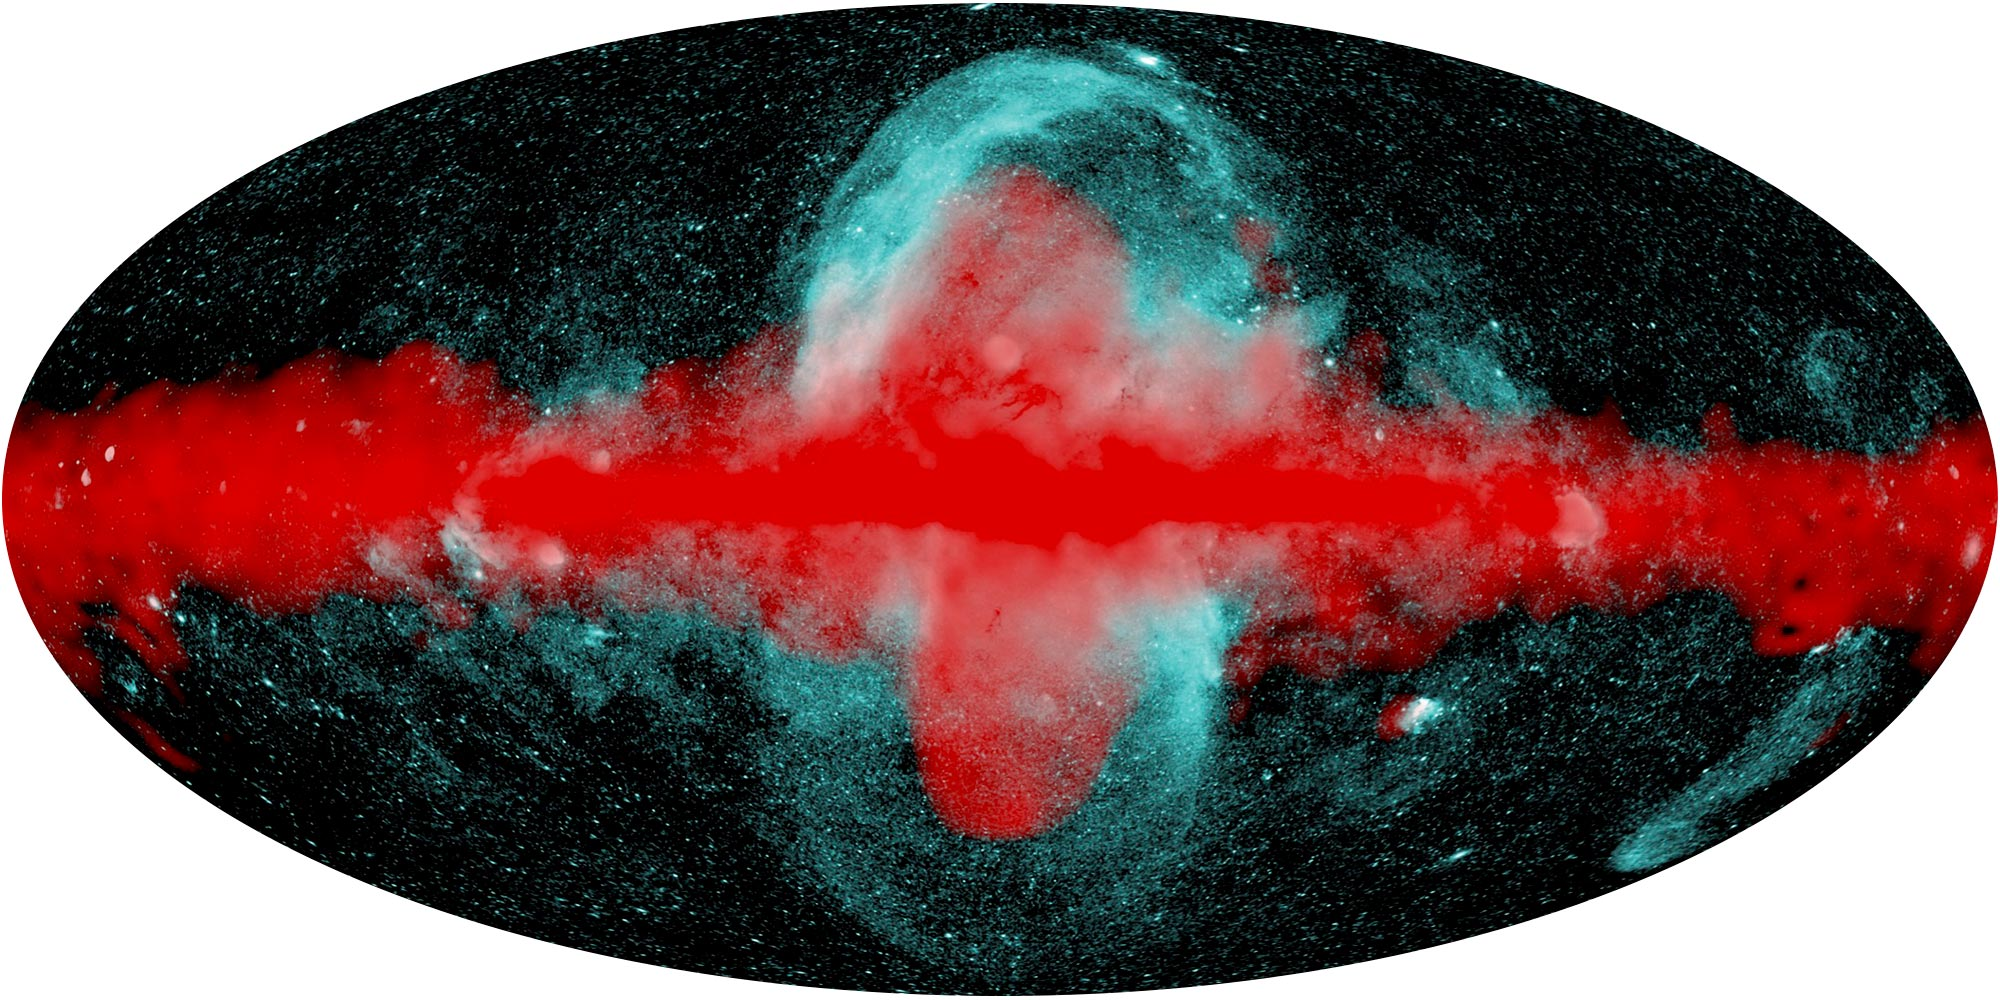 Observaciones combinadas de rayos X y rayos gamma de la Vía Láctea.